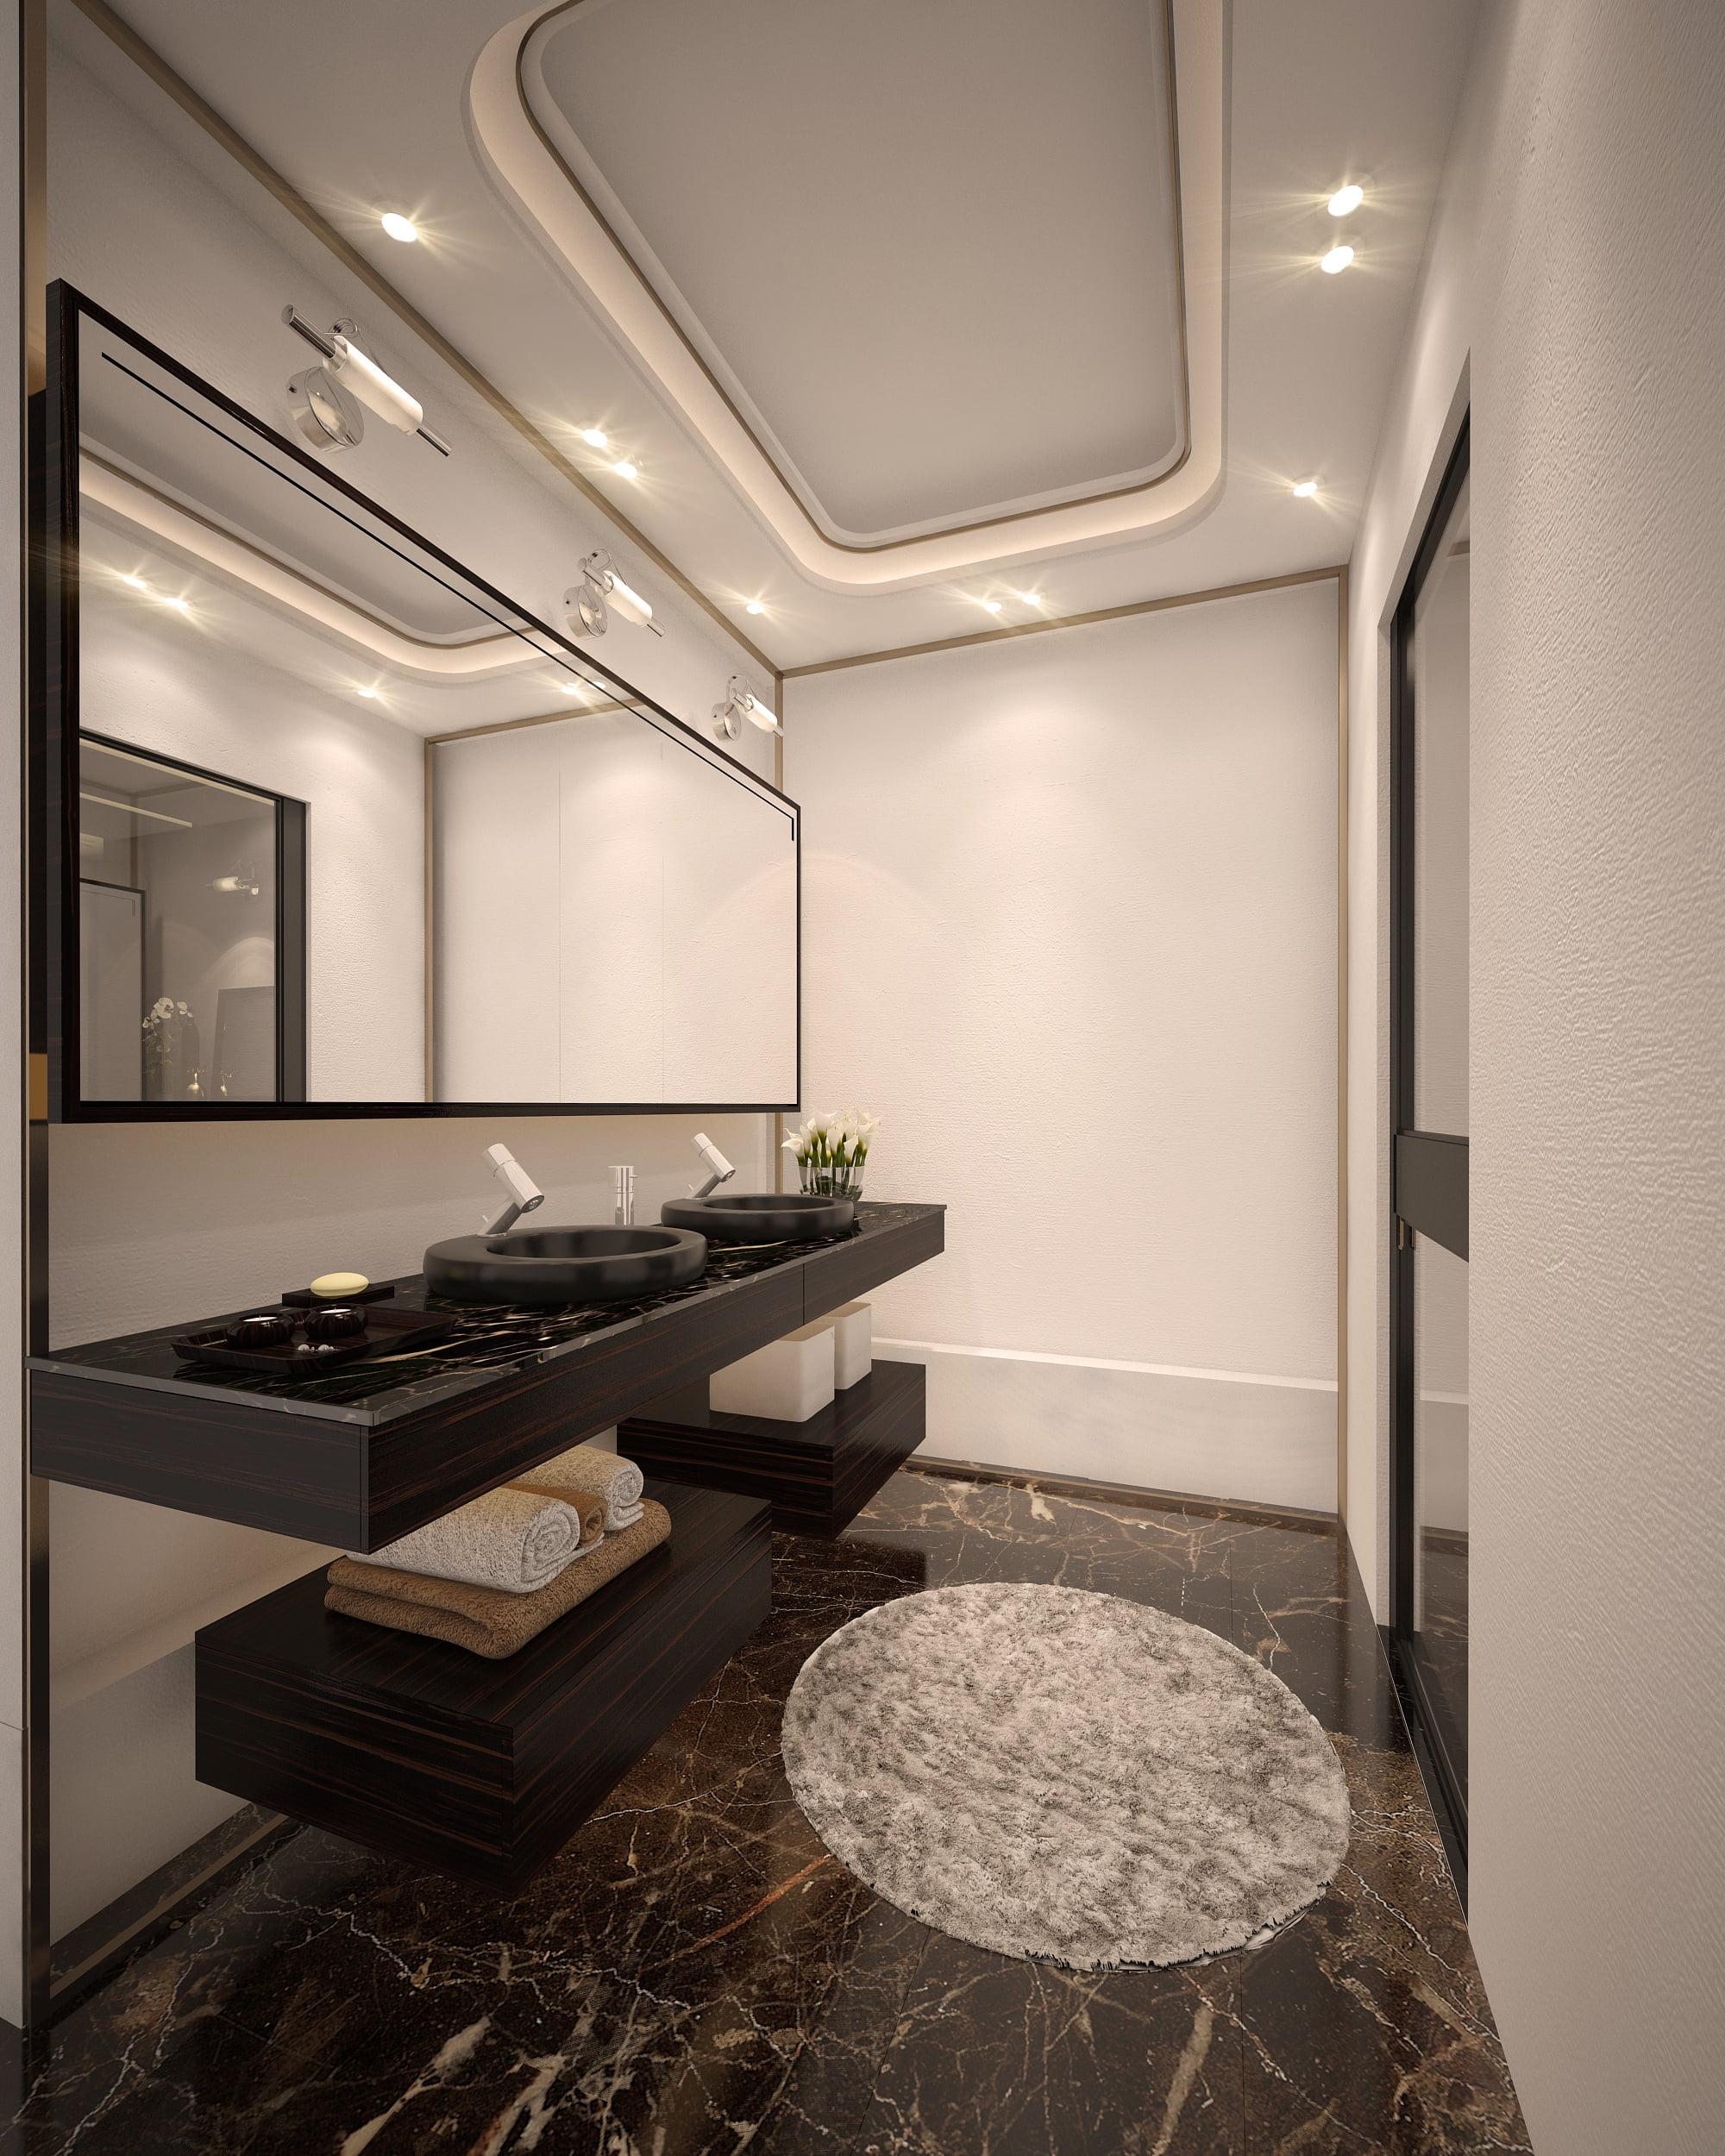 biệt thự mái thái 3 tầng 270m2 16